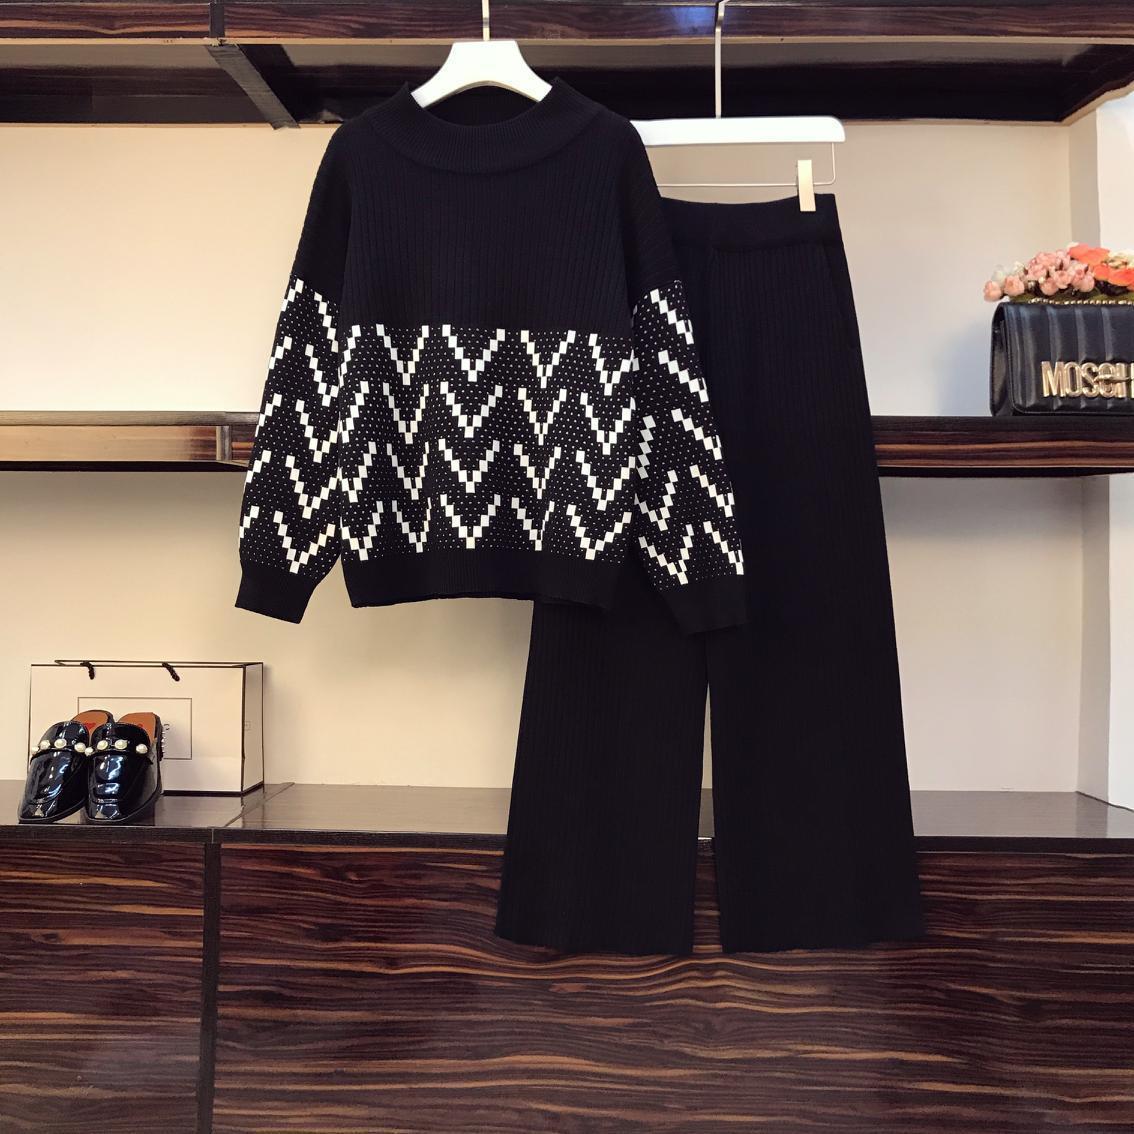 Kadınlar Artı Boyutu Rahat Örme Takım Elbise Sonbahar Moda Gevşek Baskılı Spor Kazak Üst ve Geniş Bacak Pantolon İki Parçalı BL1F